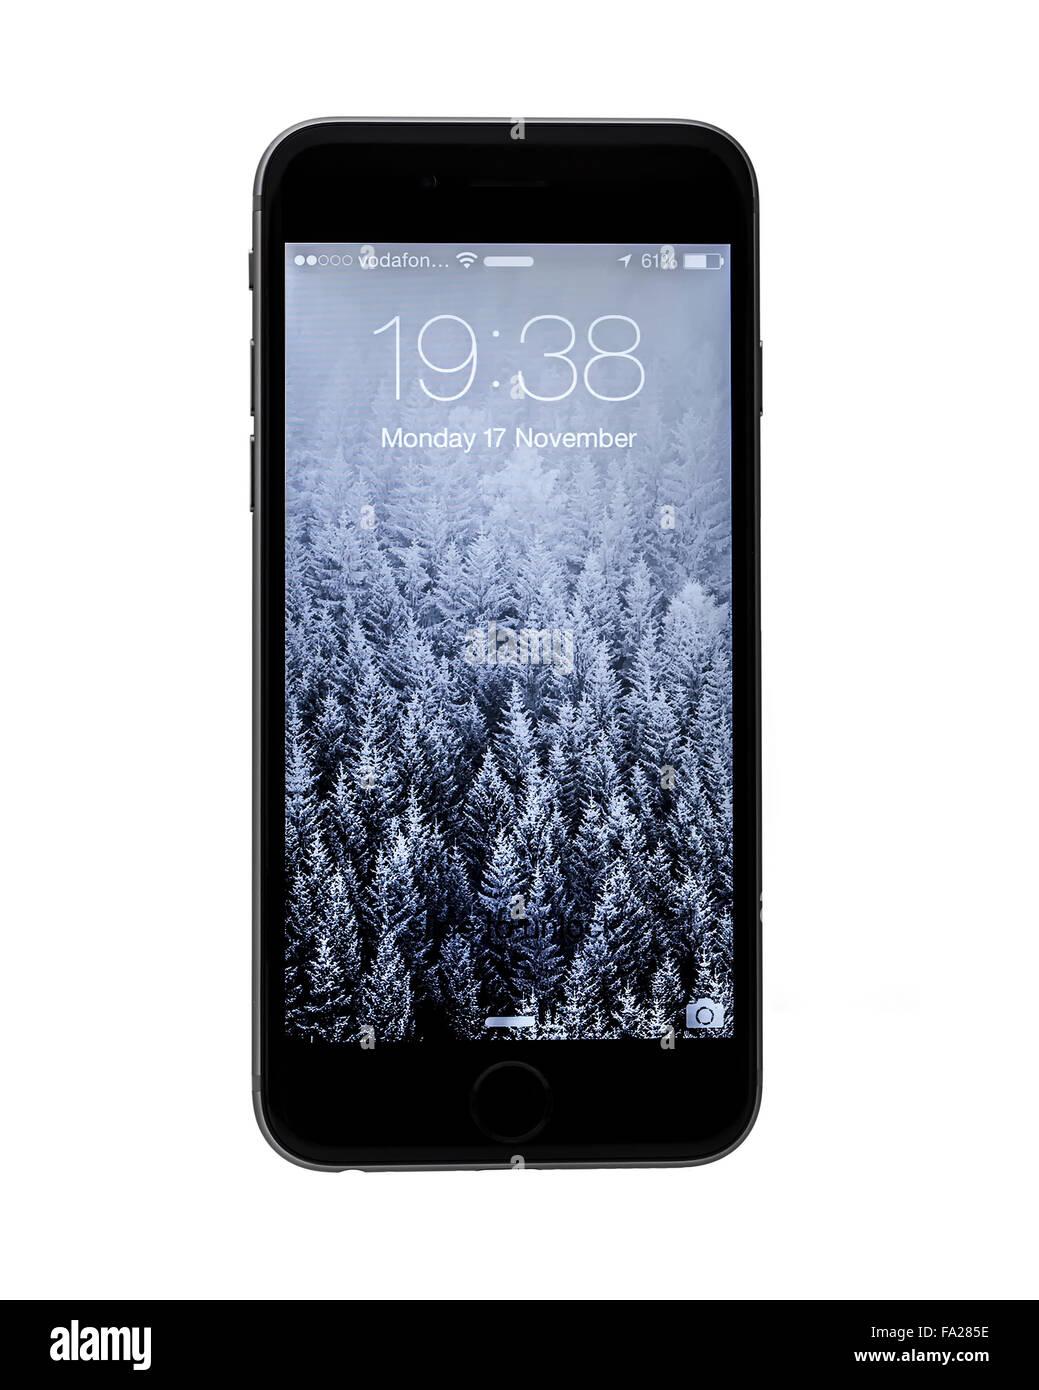 Le Nouveau Apple Iphone 6 Sur Un Fond Blanc Montrant L Ios 8 Ecran